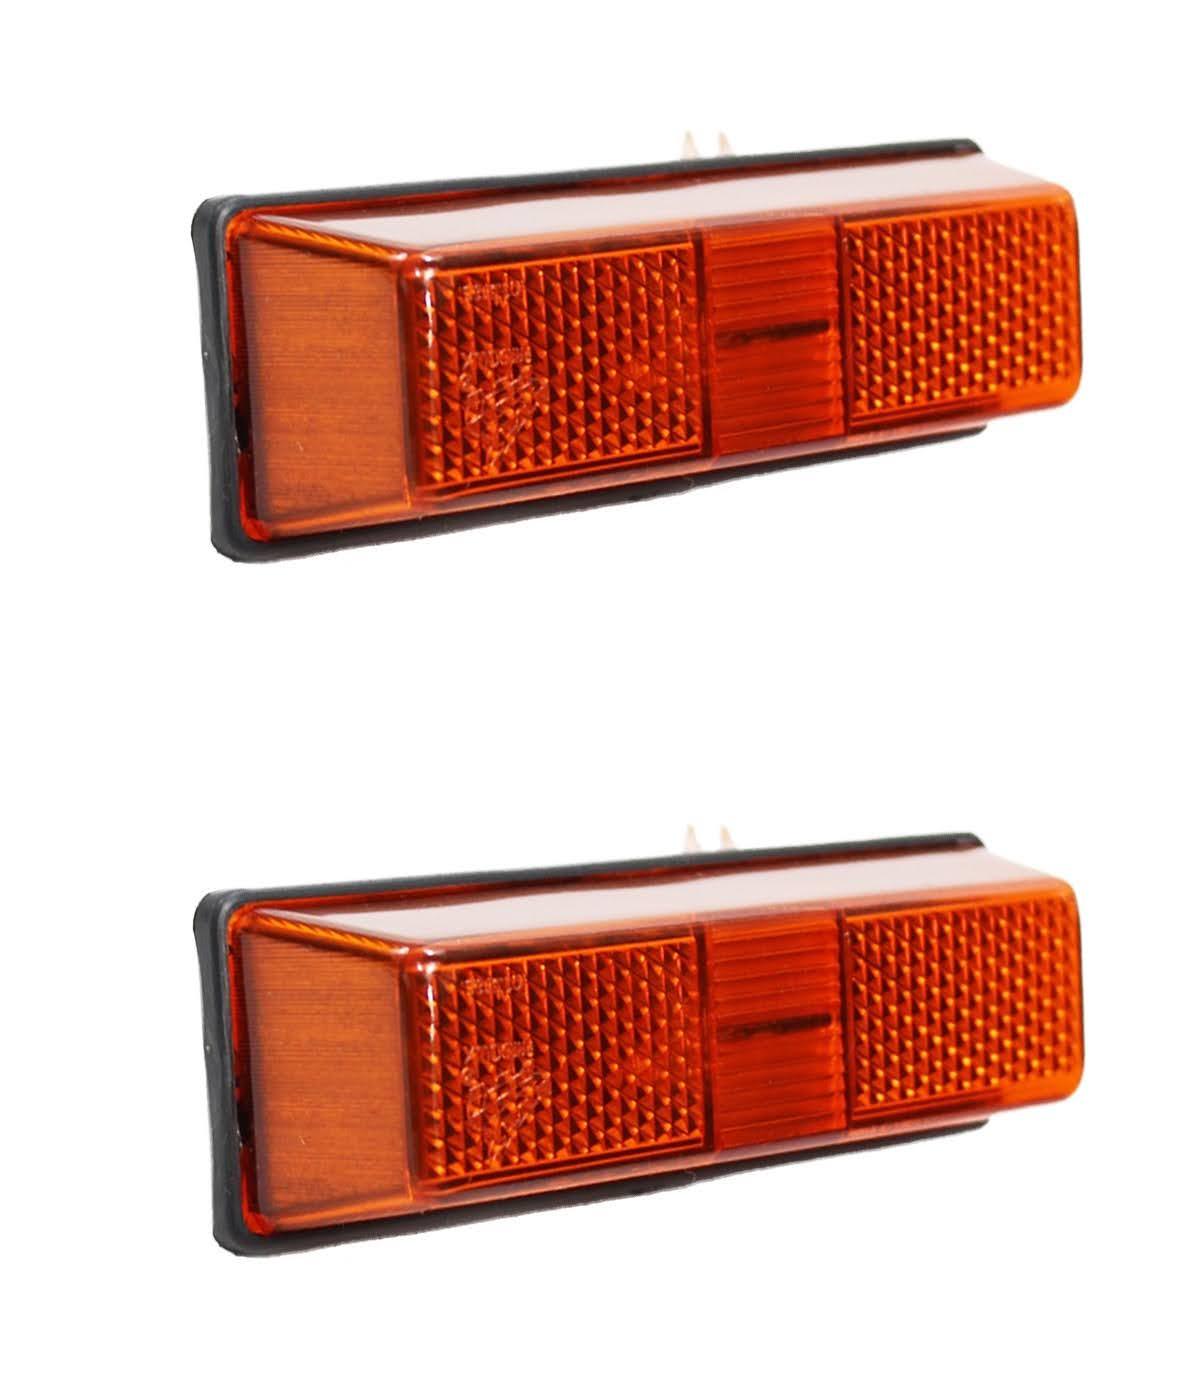 Lanterna Seta Ford Cargo até 2012 (cabine antiga) Amarela - Lateral (Par)